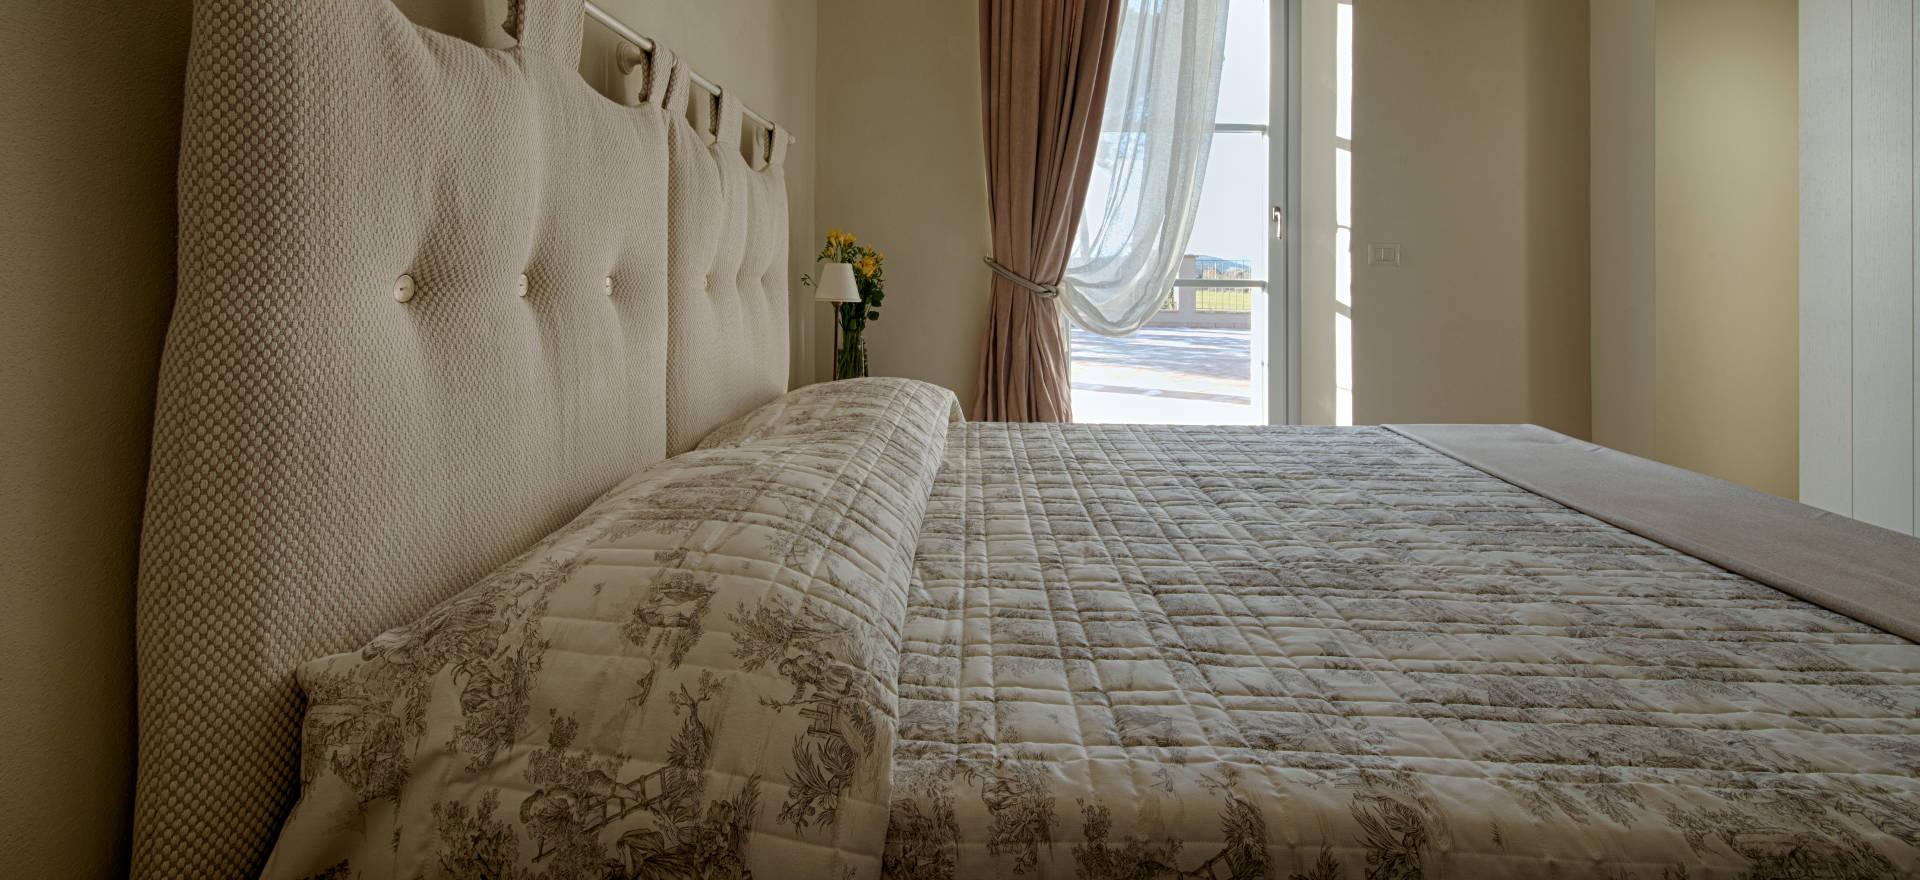 Appartamenti per vacanze ad Orbetello